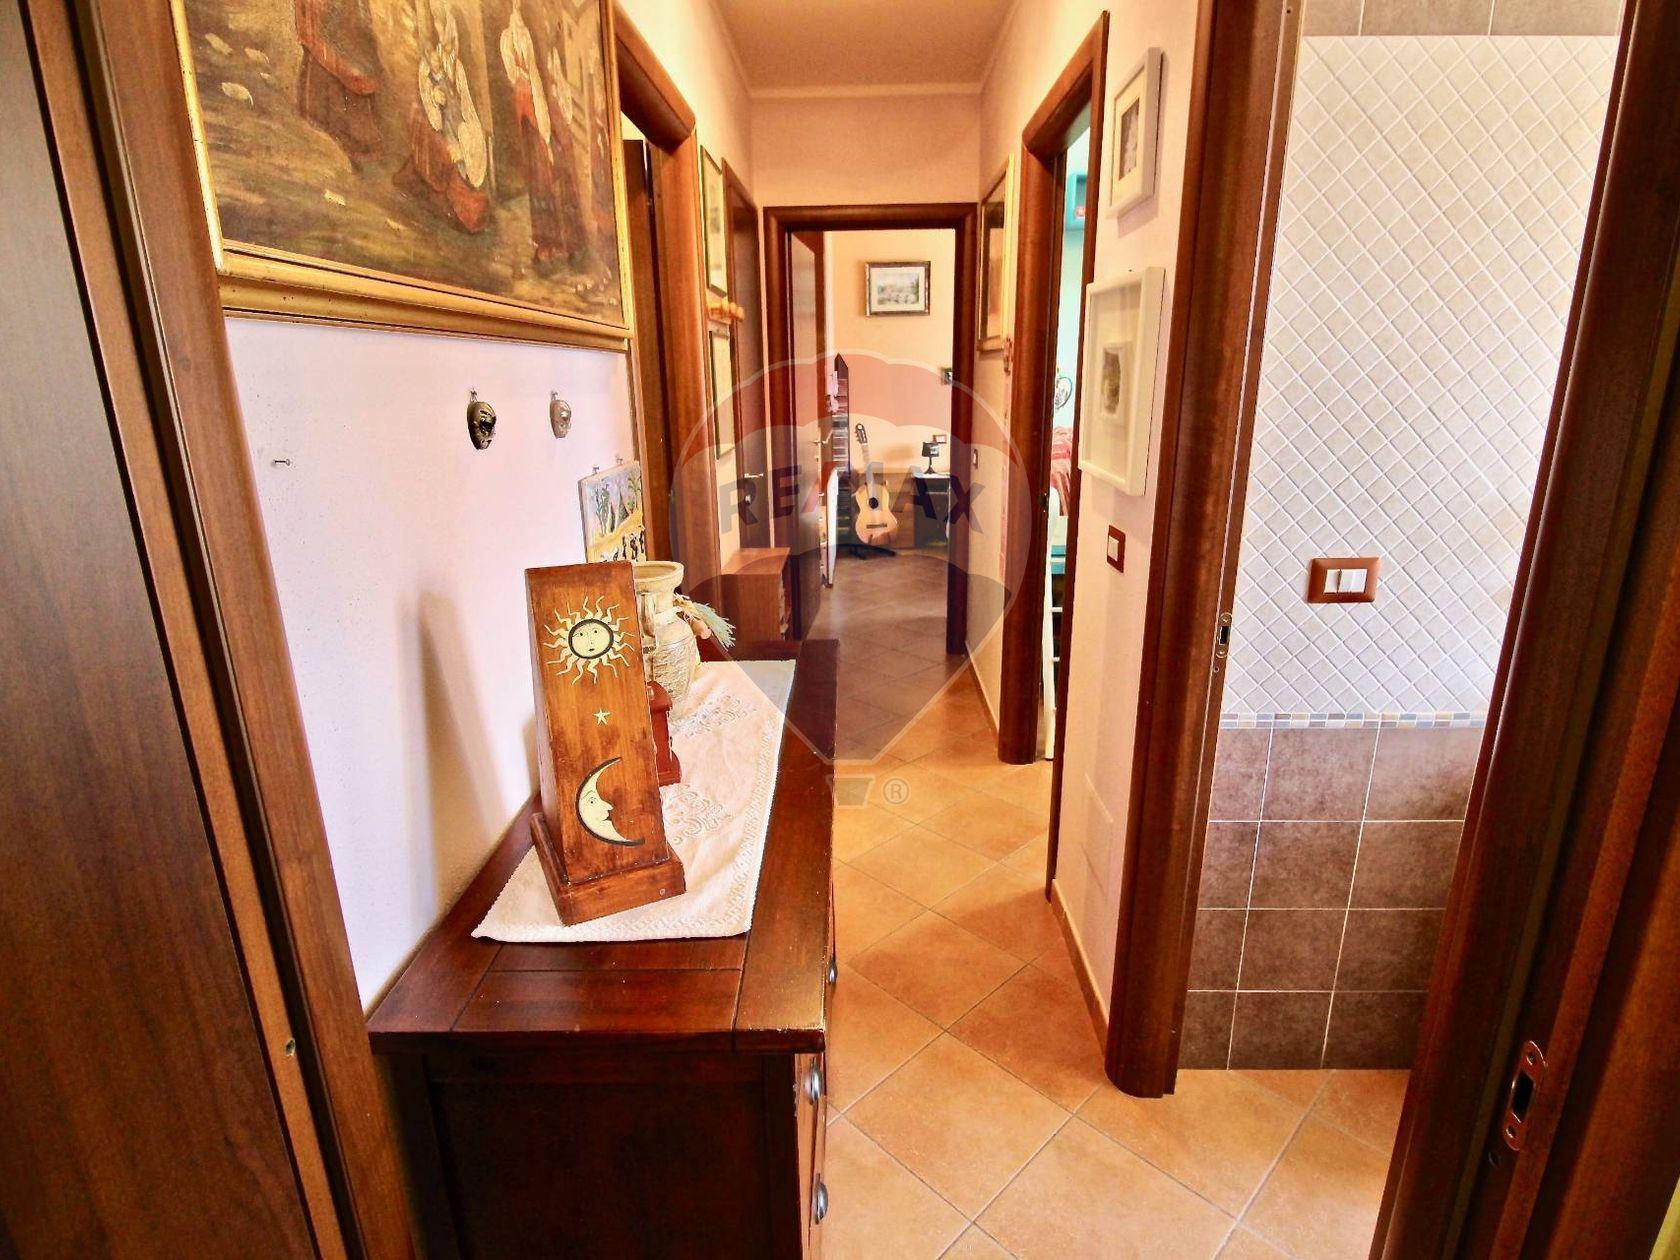 Appartamento Ss-sassari 2, Sassari, SS Vendita - Foto 11